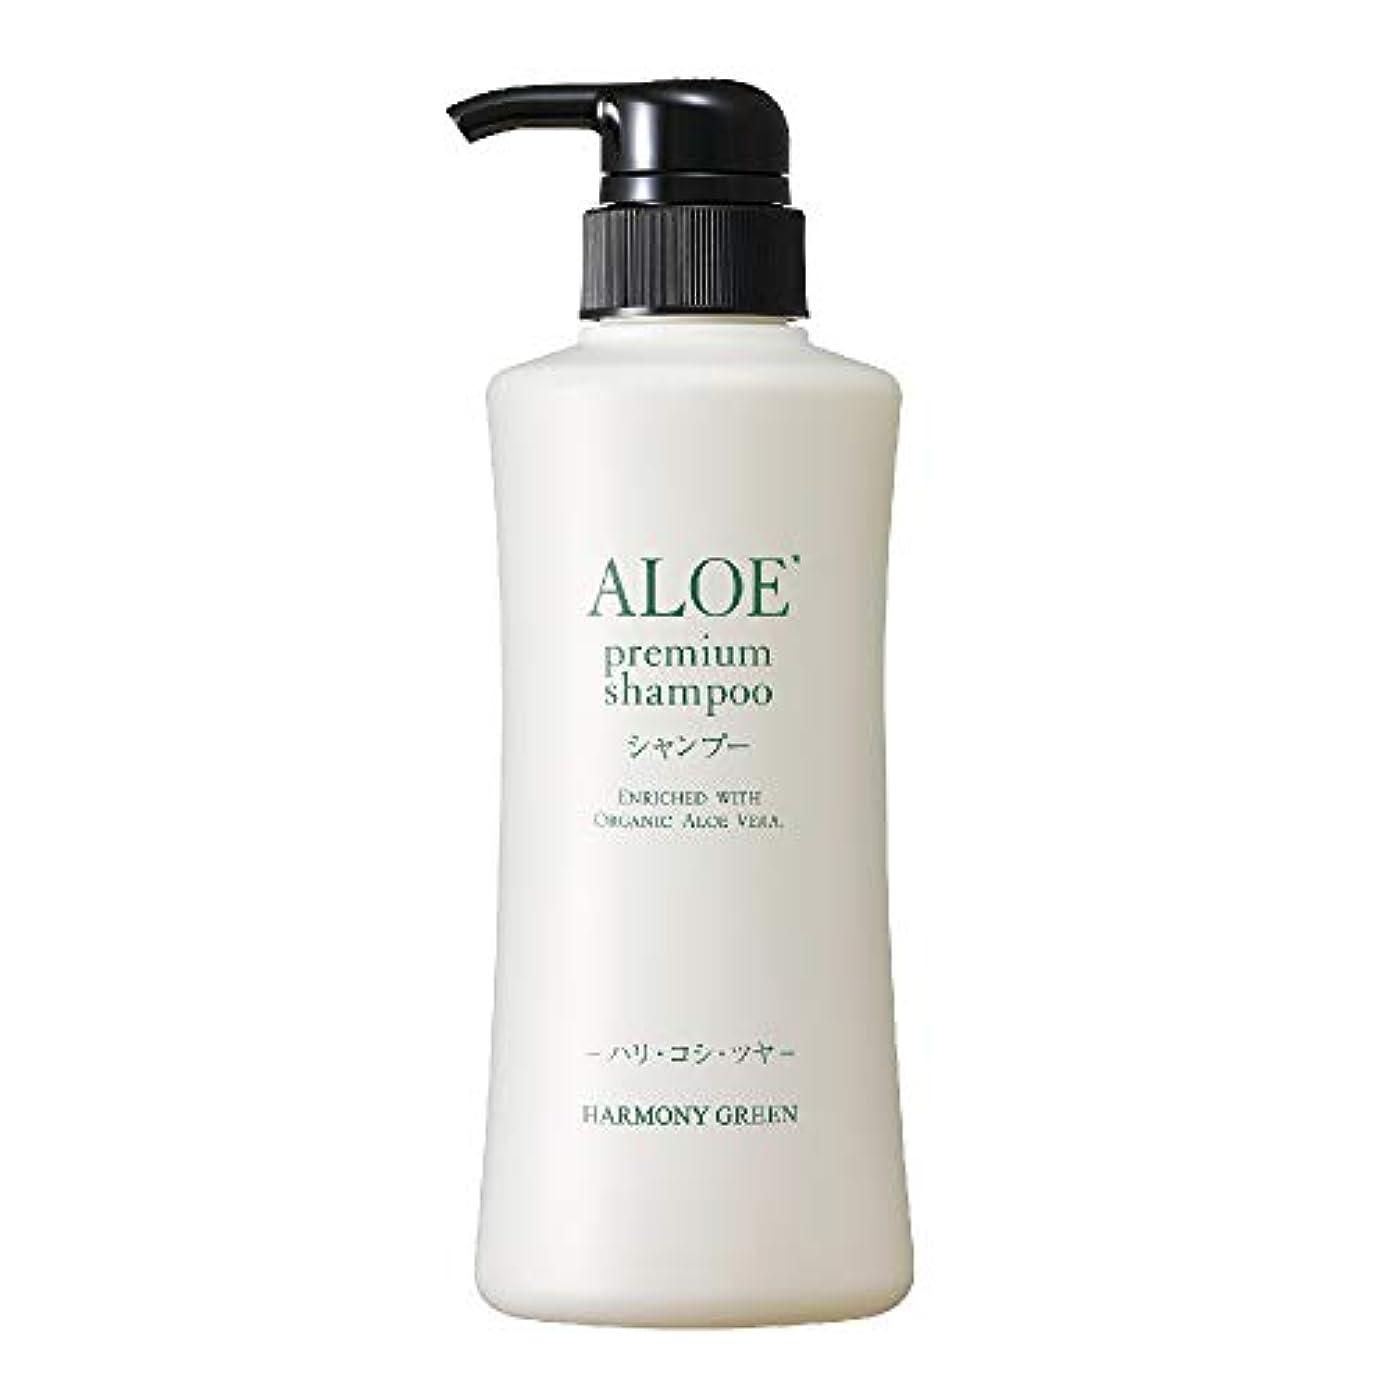 組み合わせる民兵お気に入りアロエプレミアム シャンプー〈頭髪用洗浄料〉